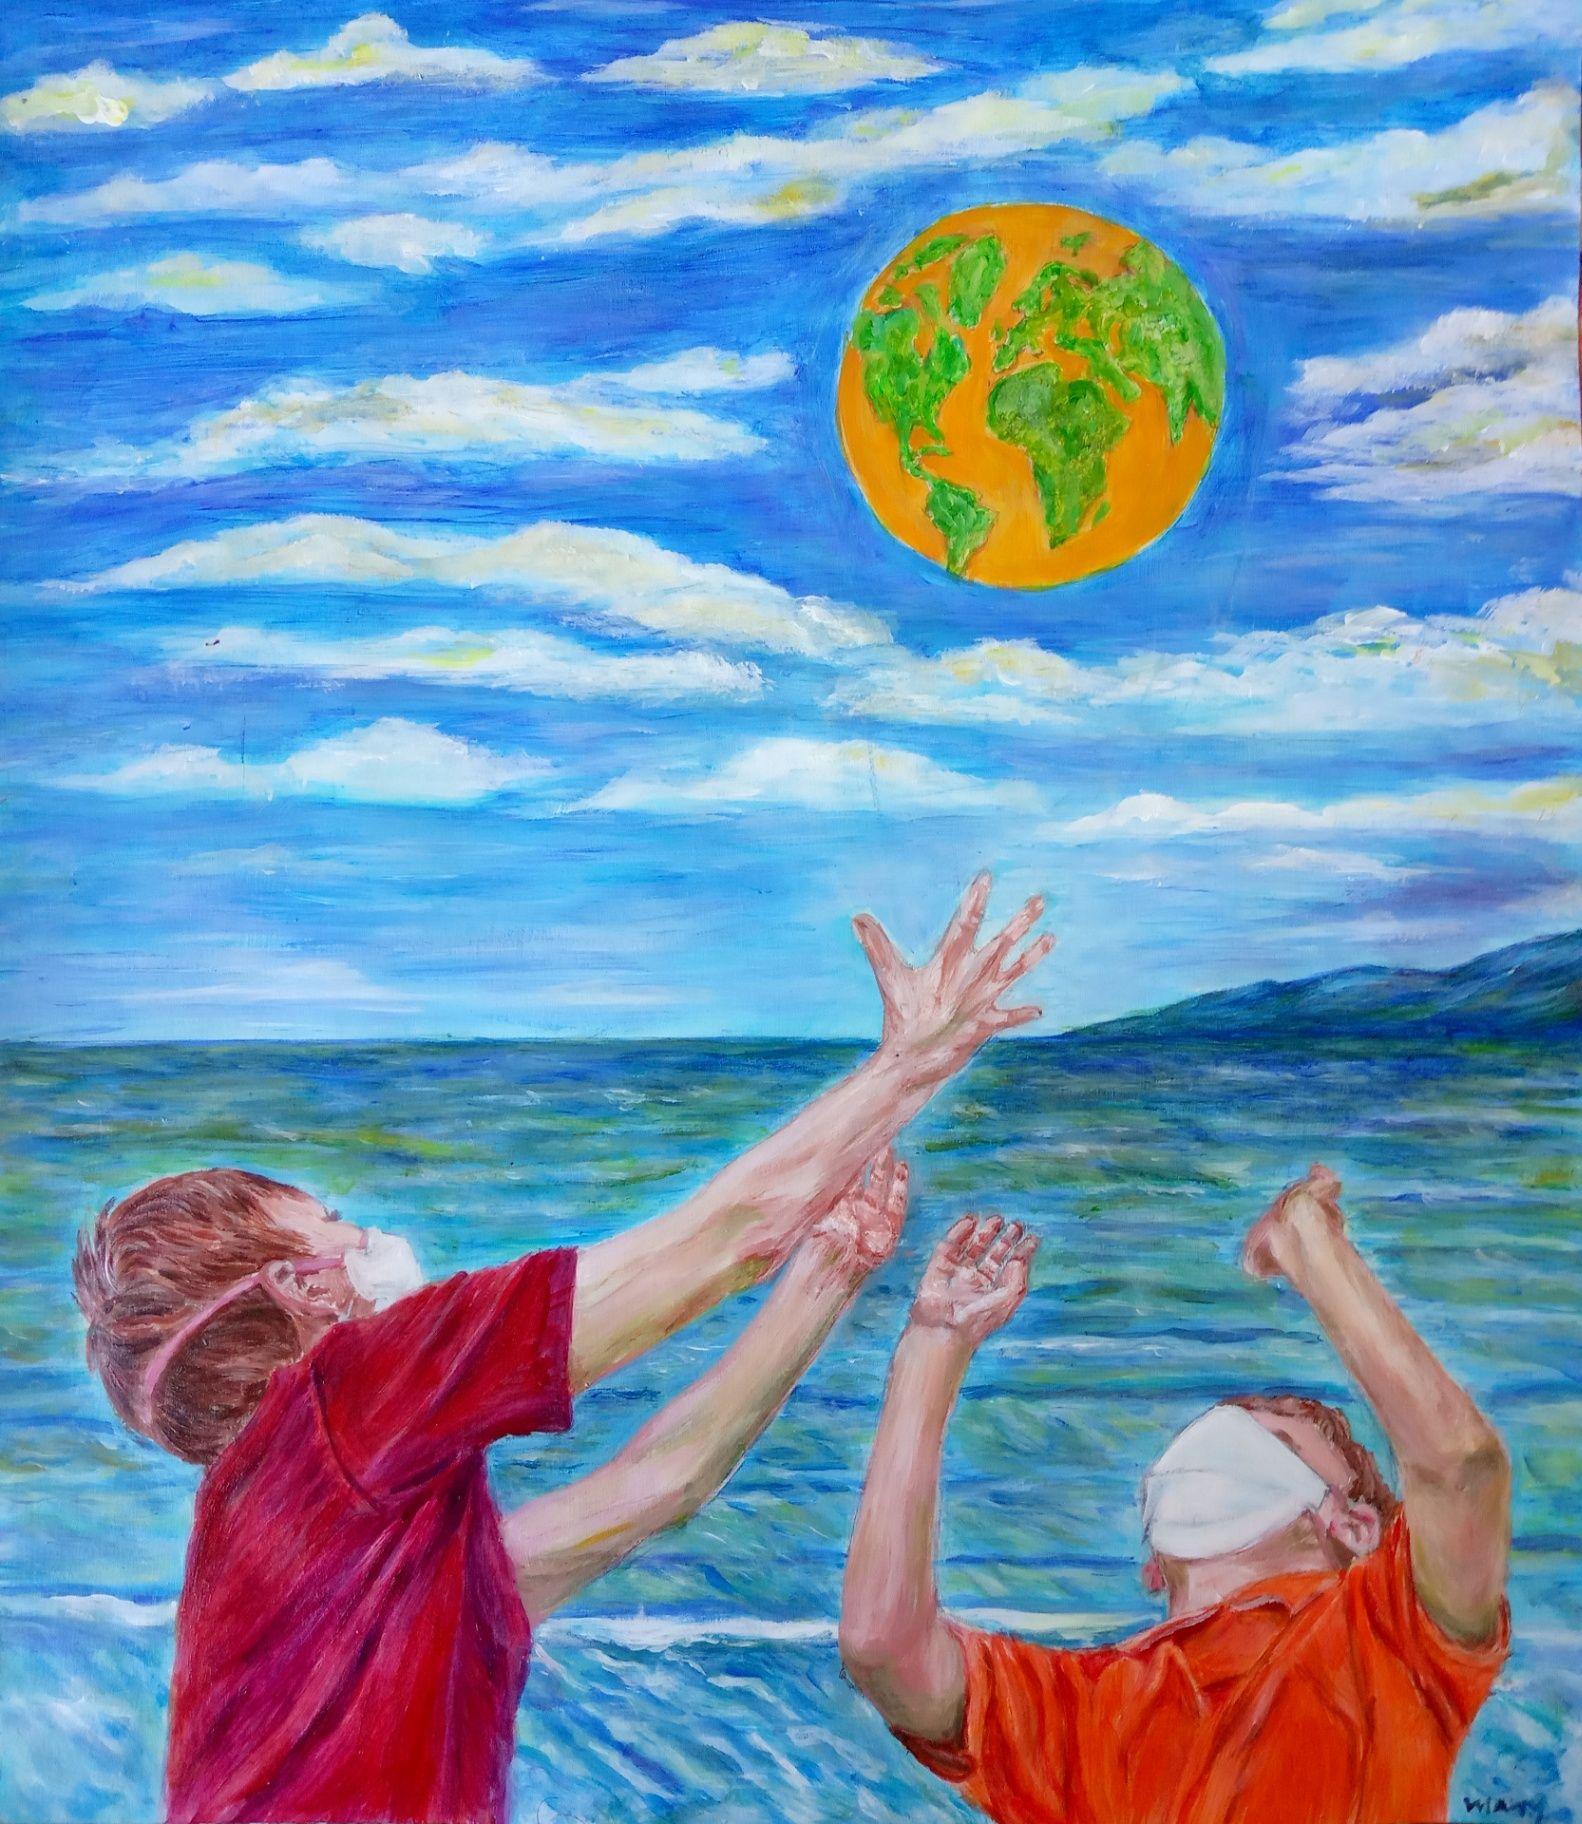 Obra: El Mundo en sus manos